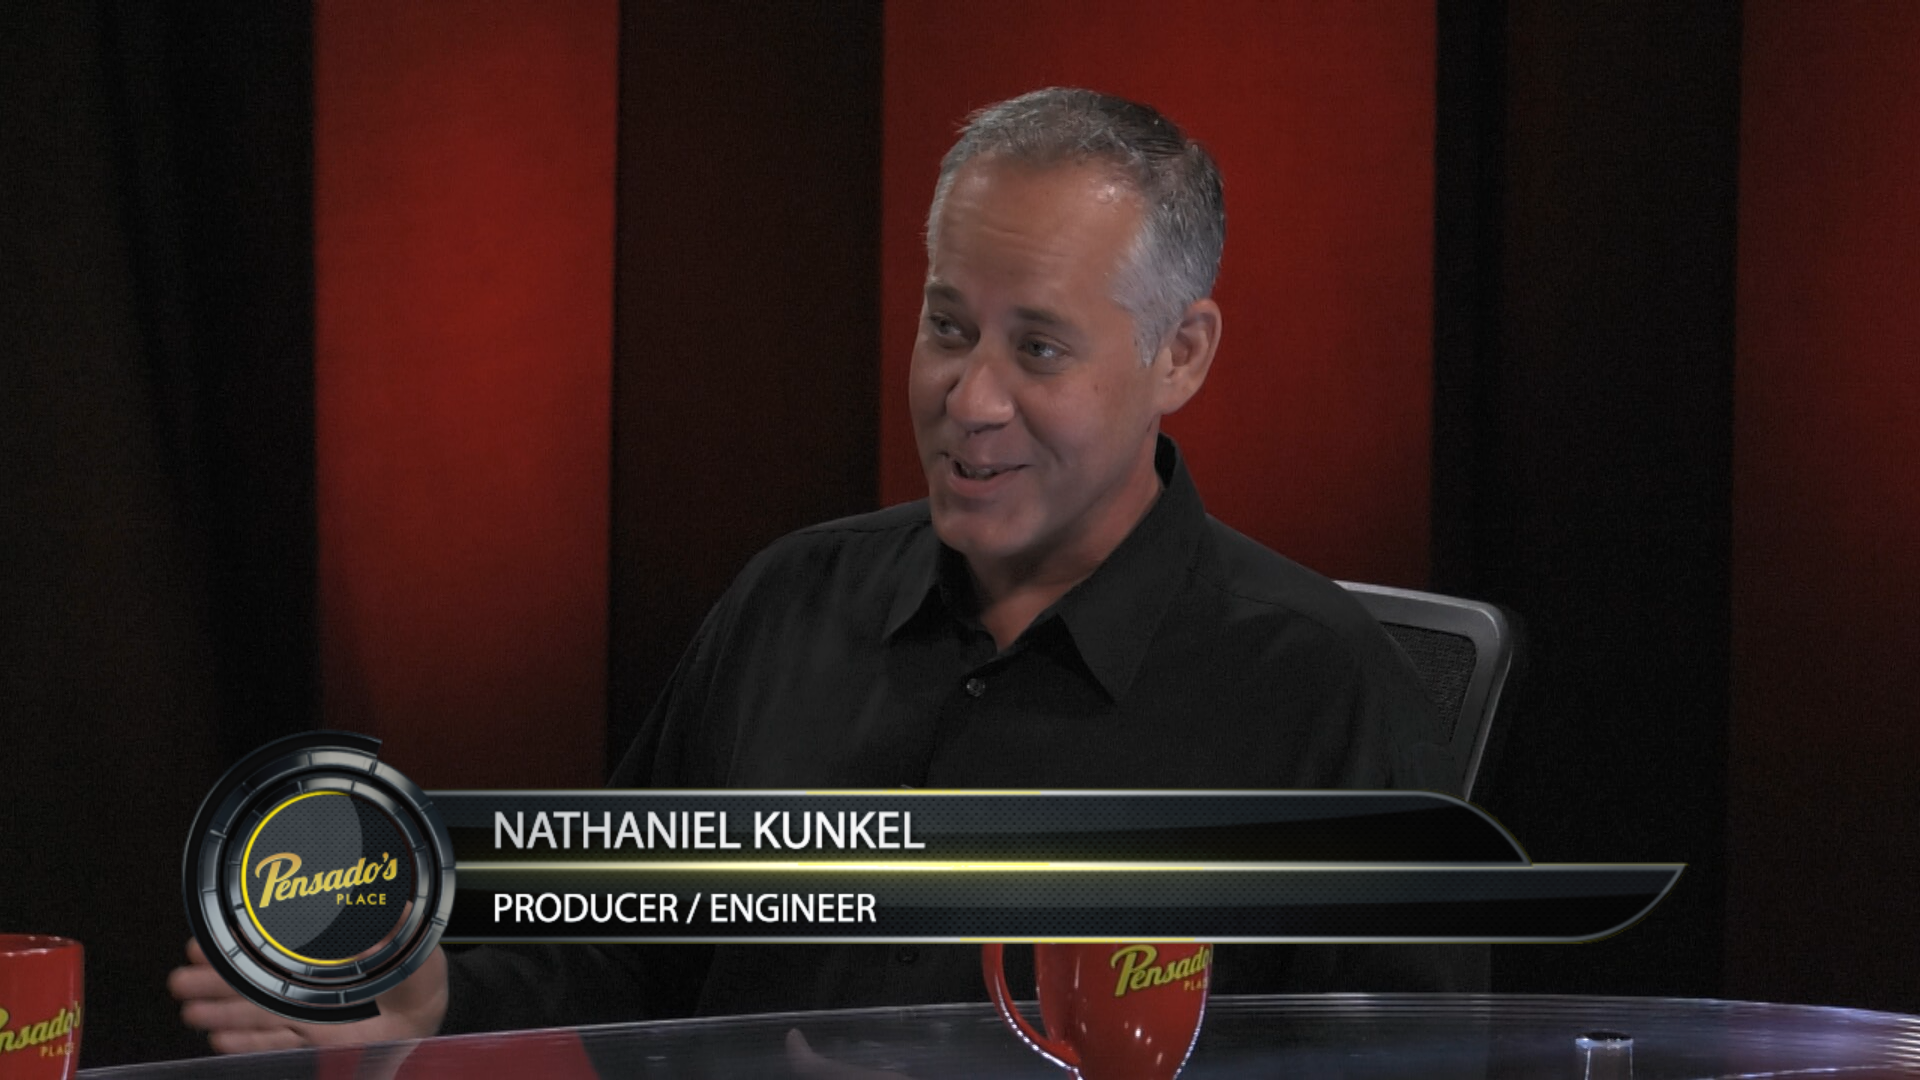 Still Image E271 - Nathanial Kunkel